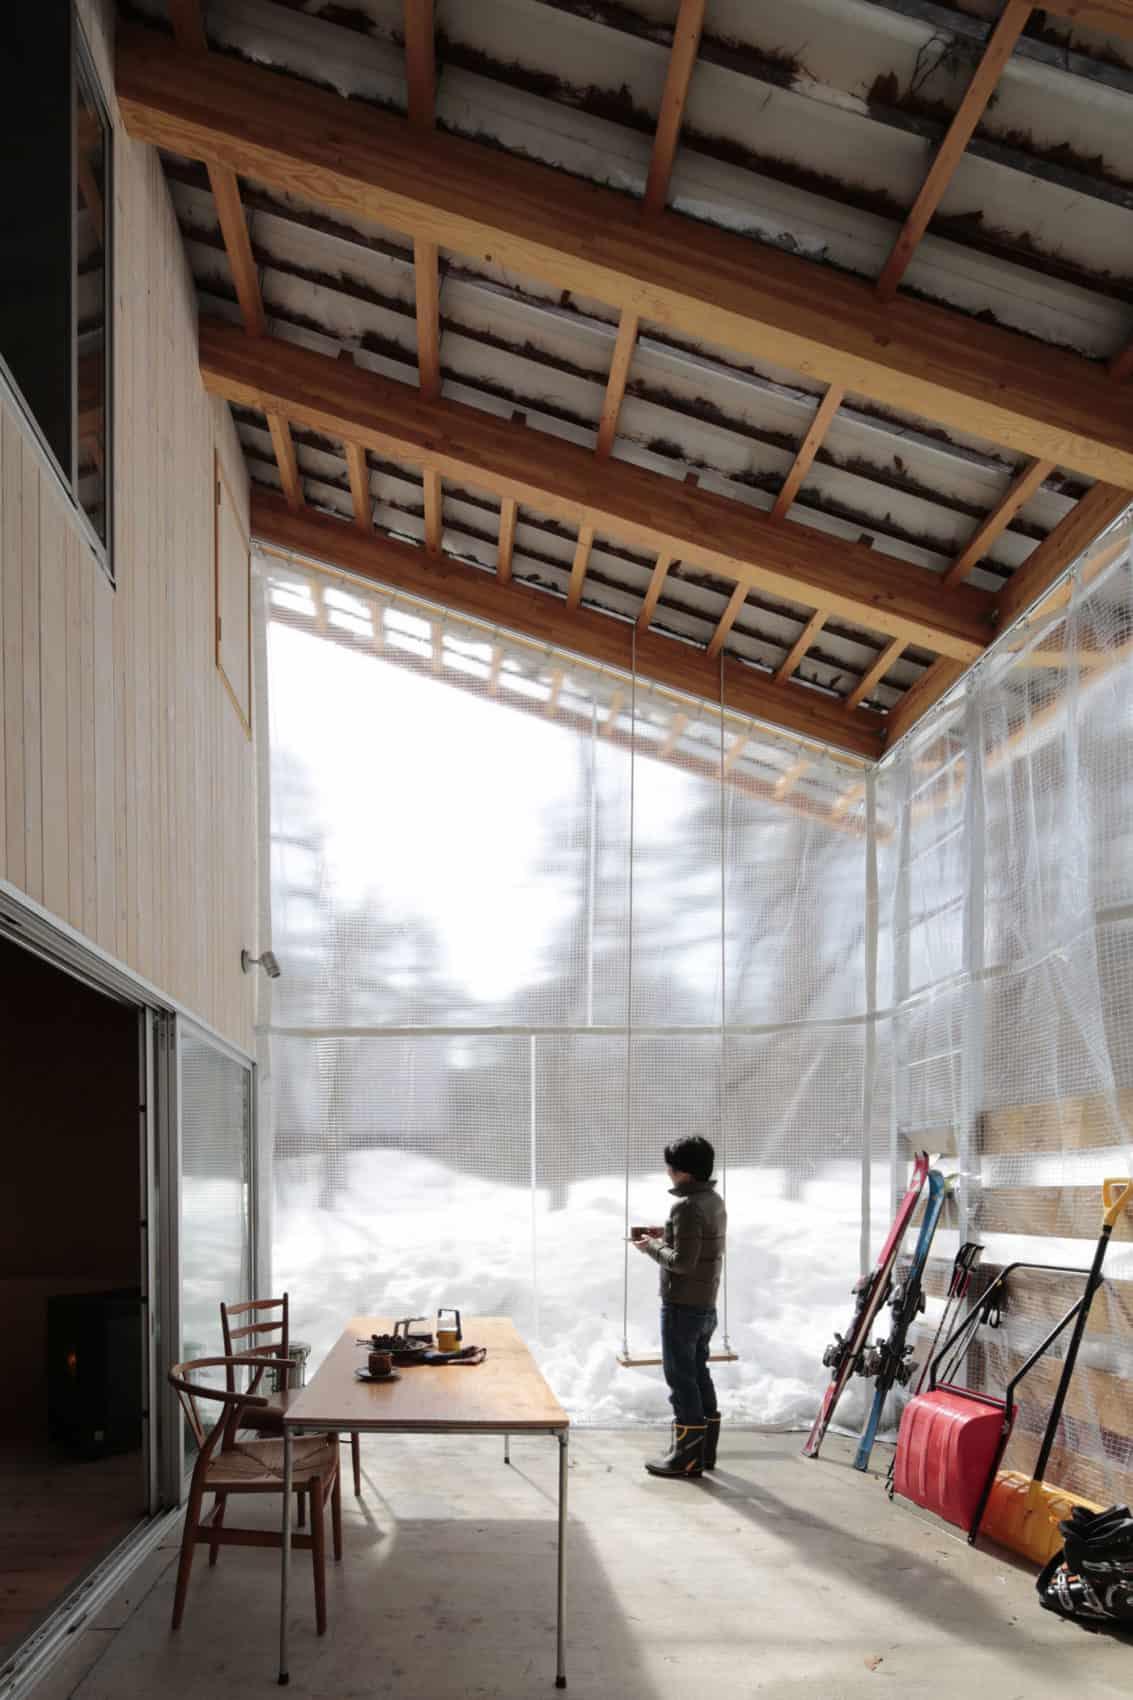 Villa in Hakuba by Naka Architects (4)